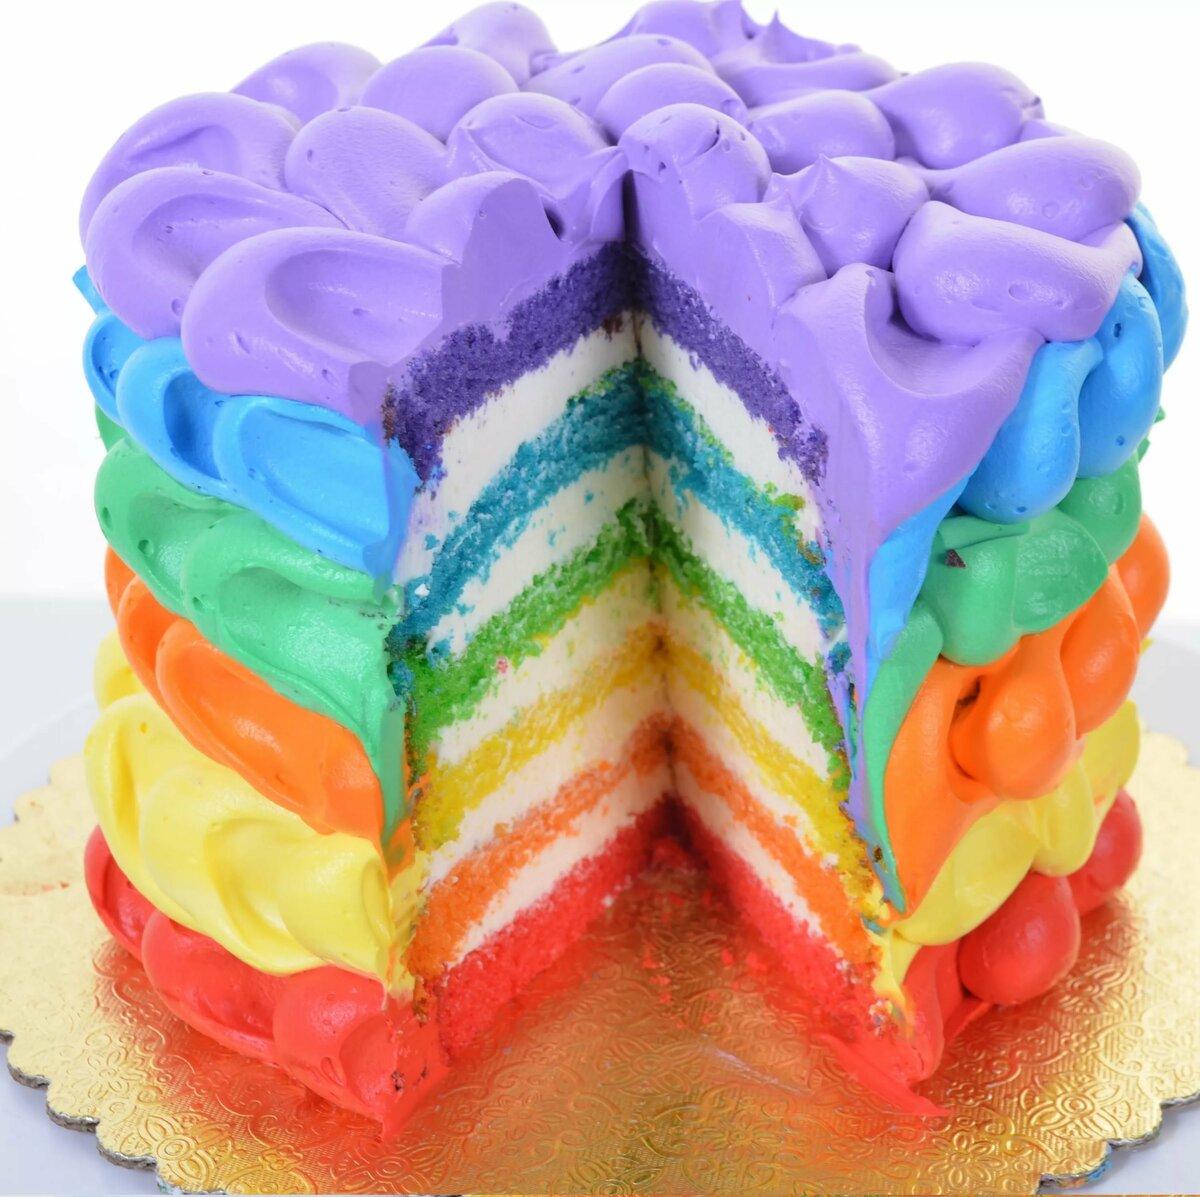 картинки радужного торта или, проще